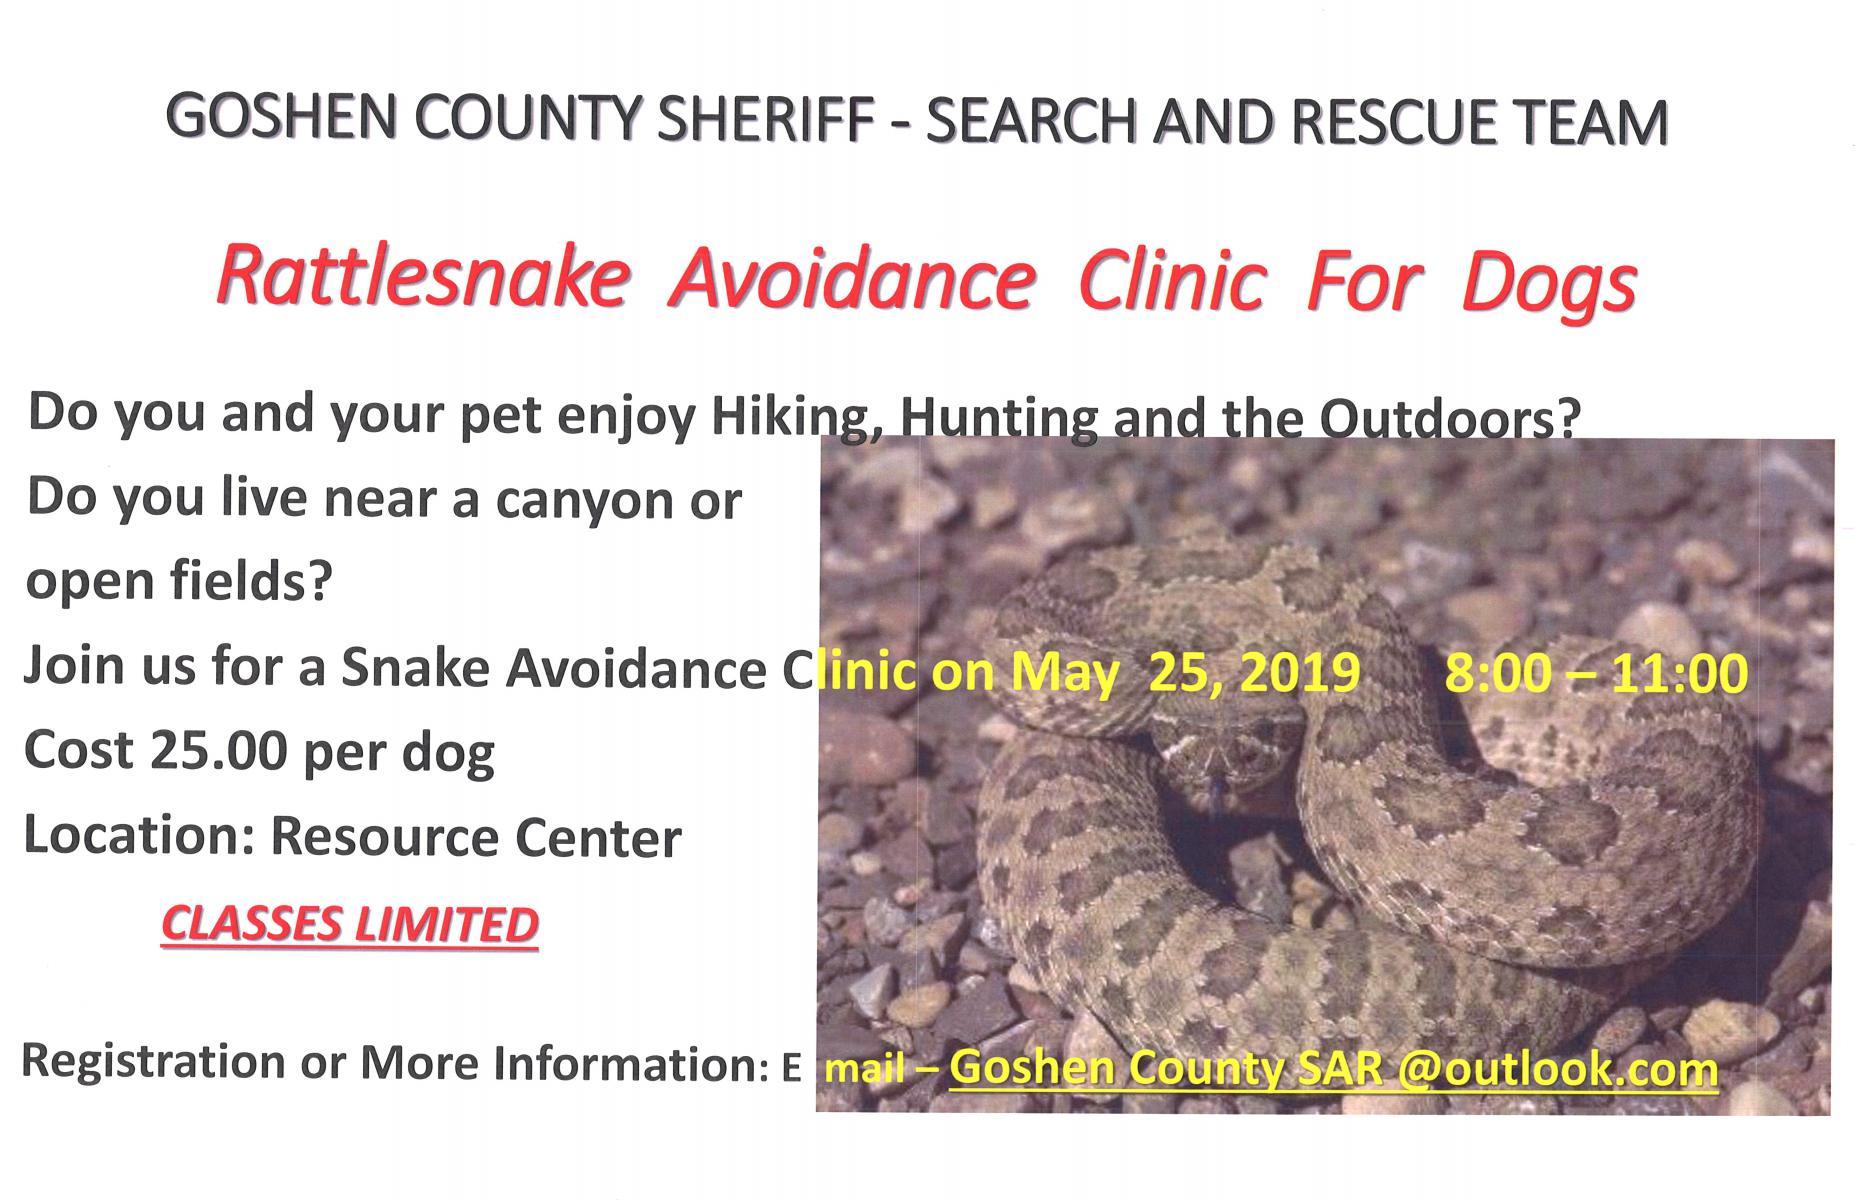 Rattlesnake Avoidance Clinic for Dogs Photo